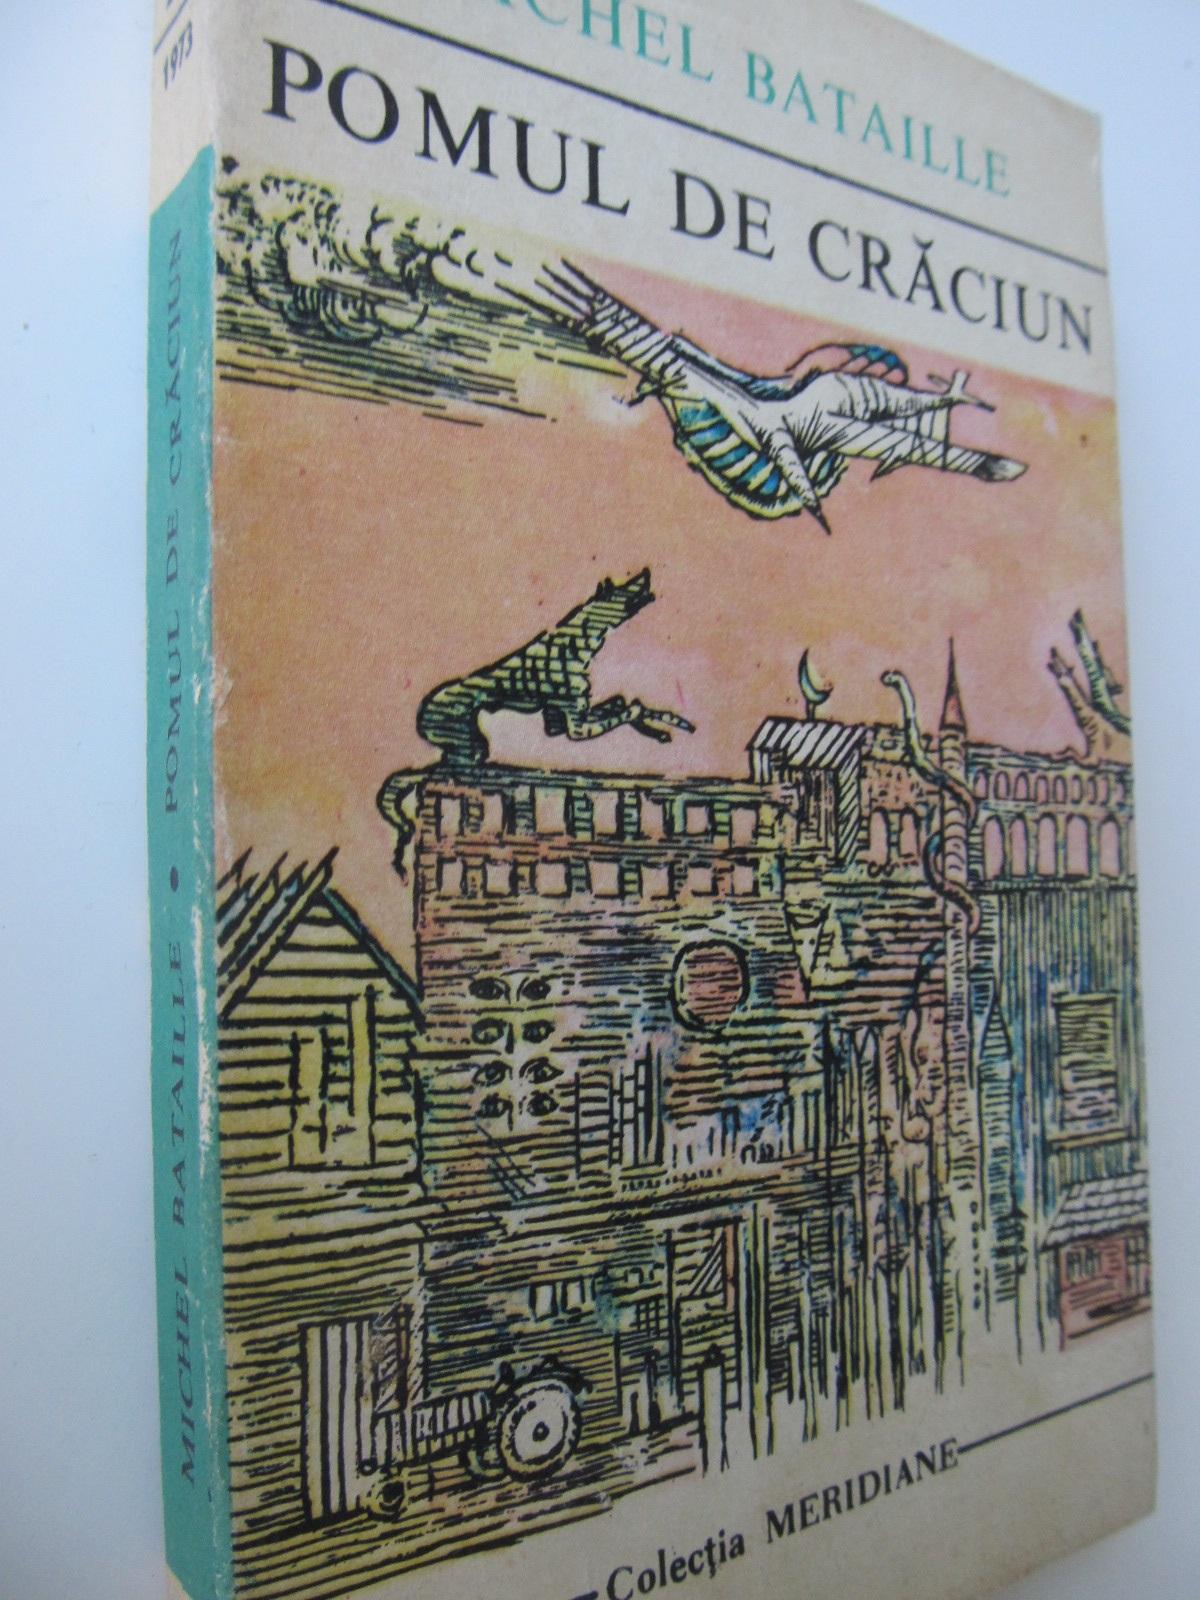 Pomul de craciun - Michel Bataille   Detalii carte